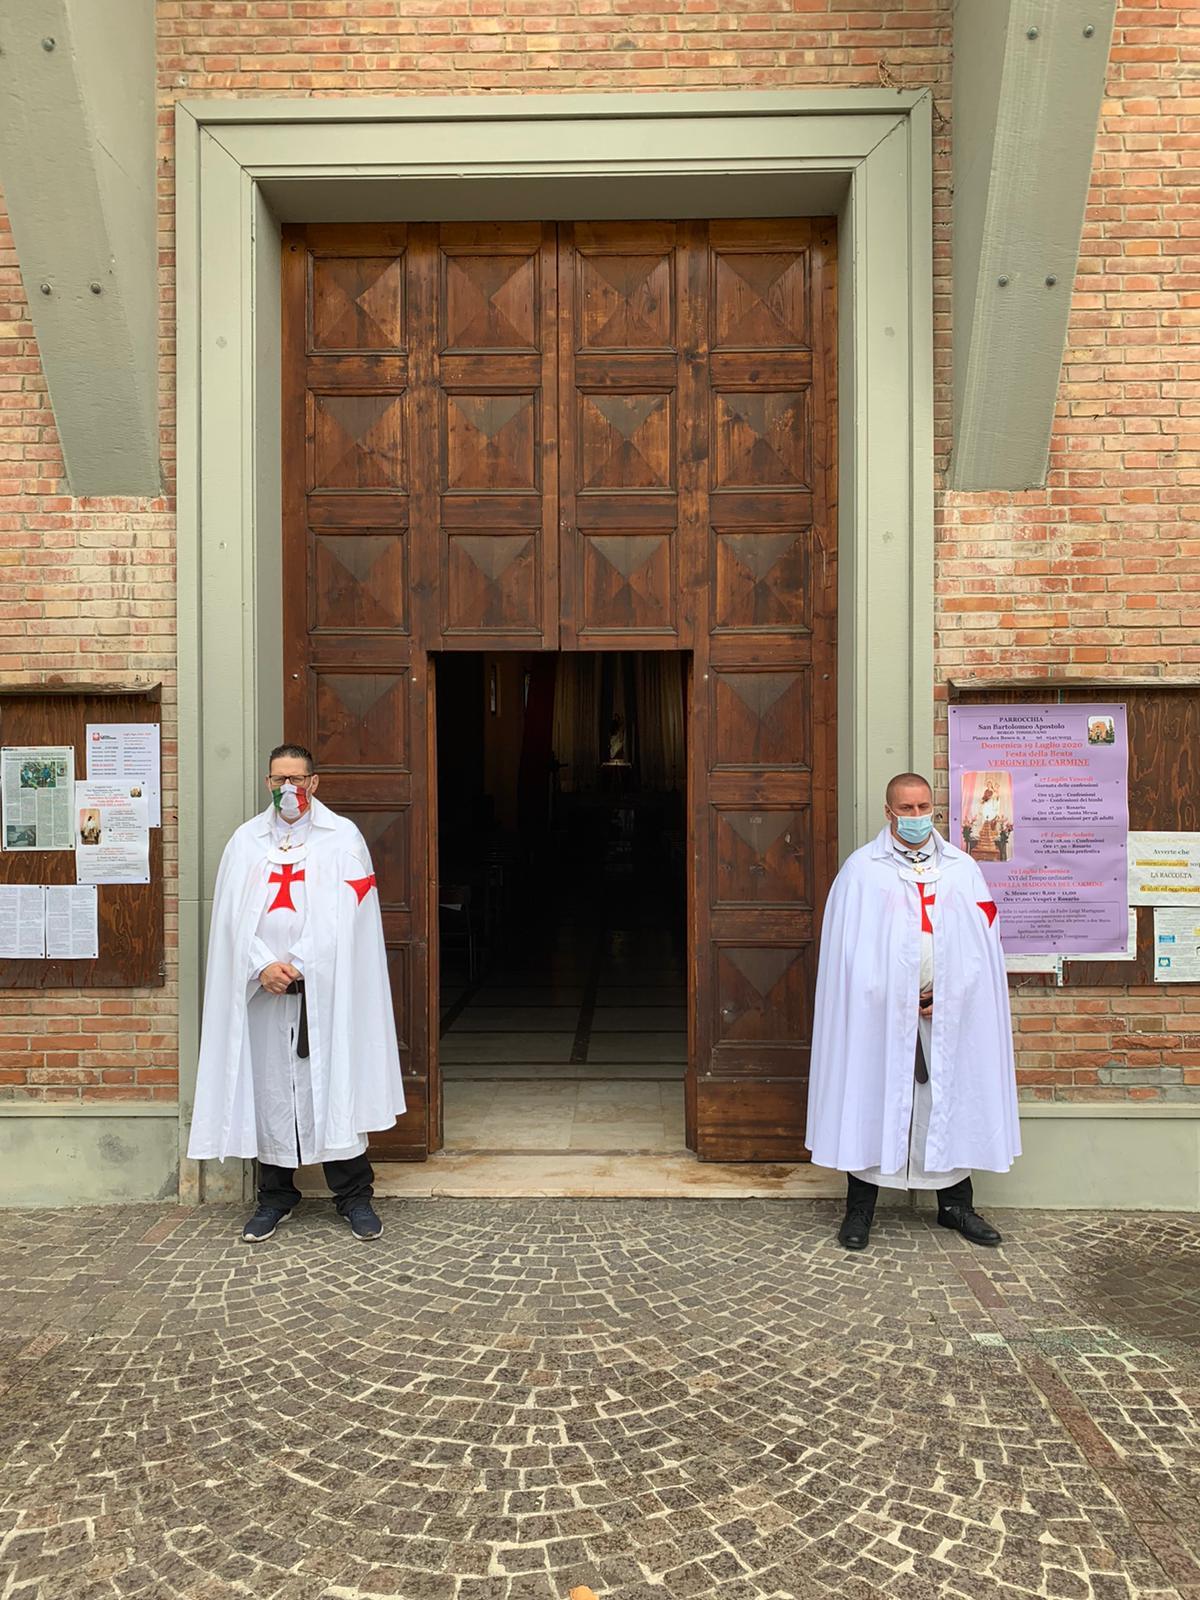 Custodia della Chiesa di San Bartolomeo Apostolo – Borgo Tossignano (BO) 12.07.2020